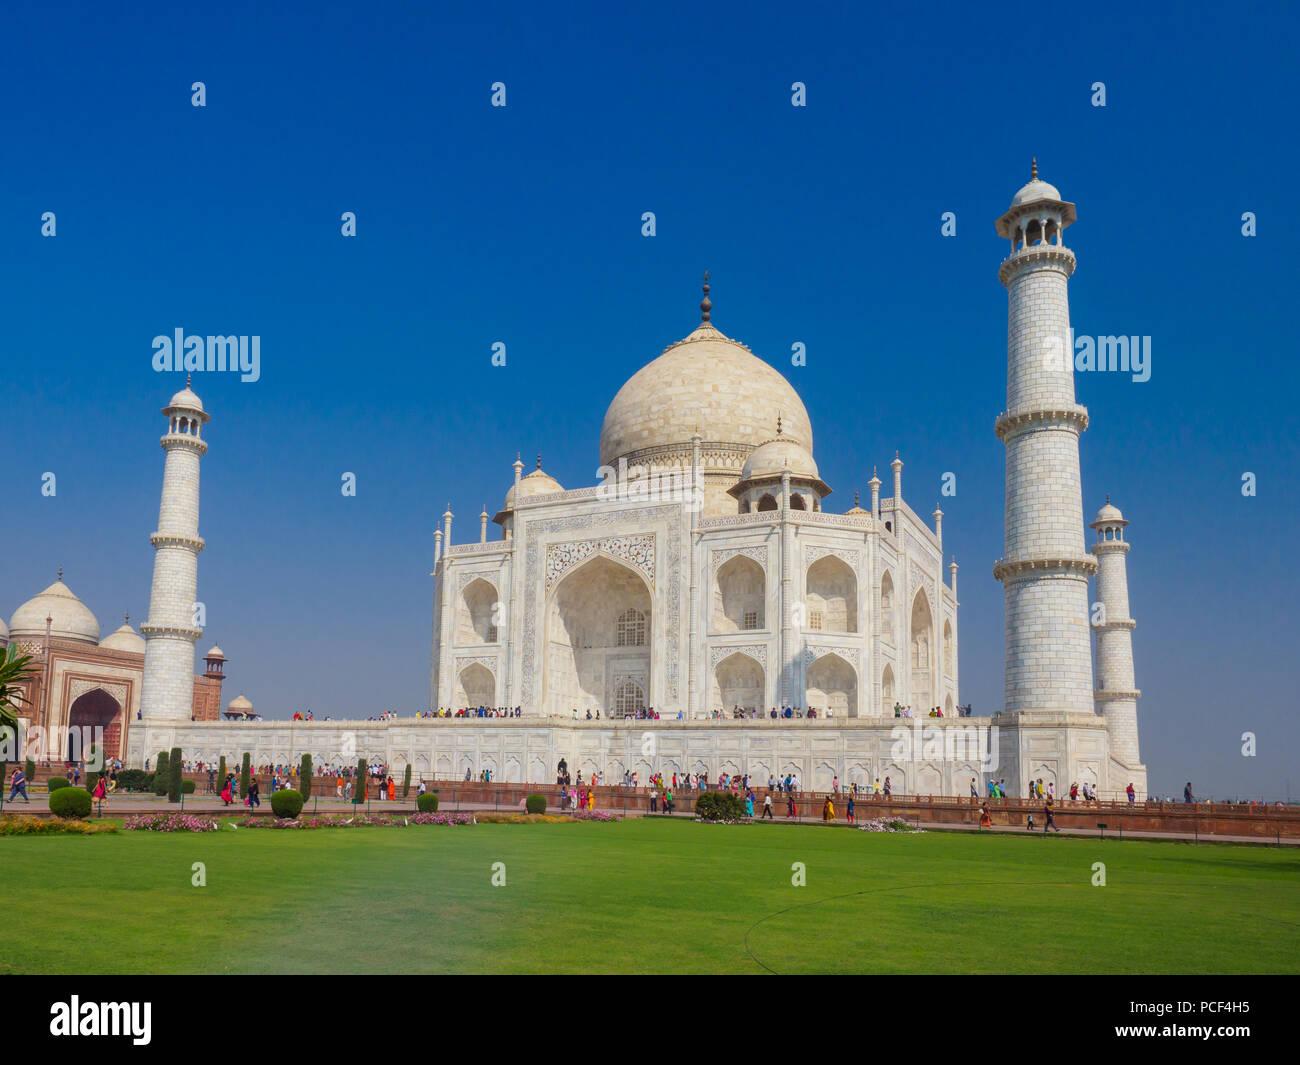 I turisti che visitano il Taj Mahal, il bianco-avorio mausoleo di marmo nella città di Agra, Uttar Pradesh, India. Immagini Stock